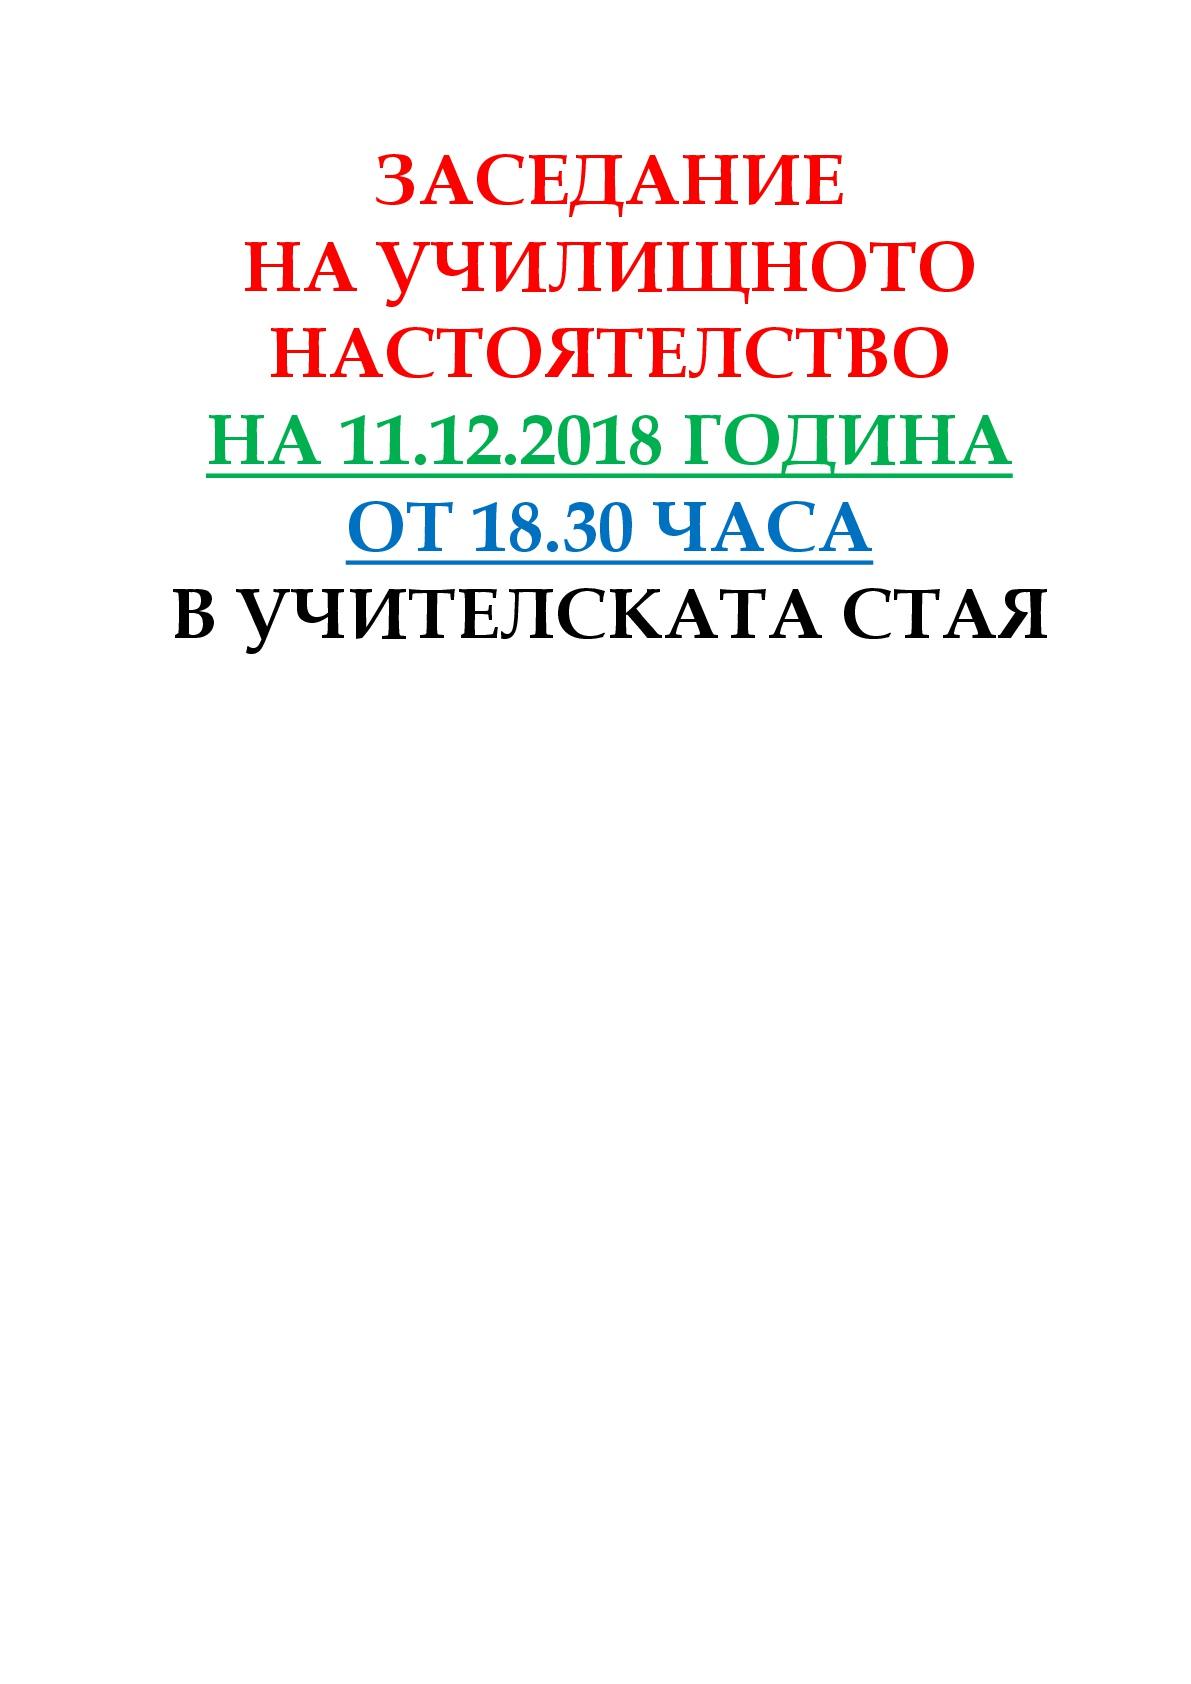 УН-001